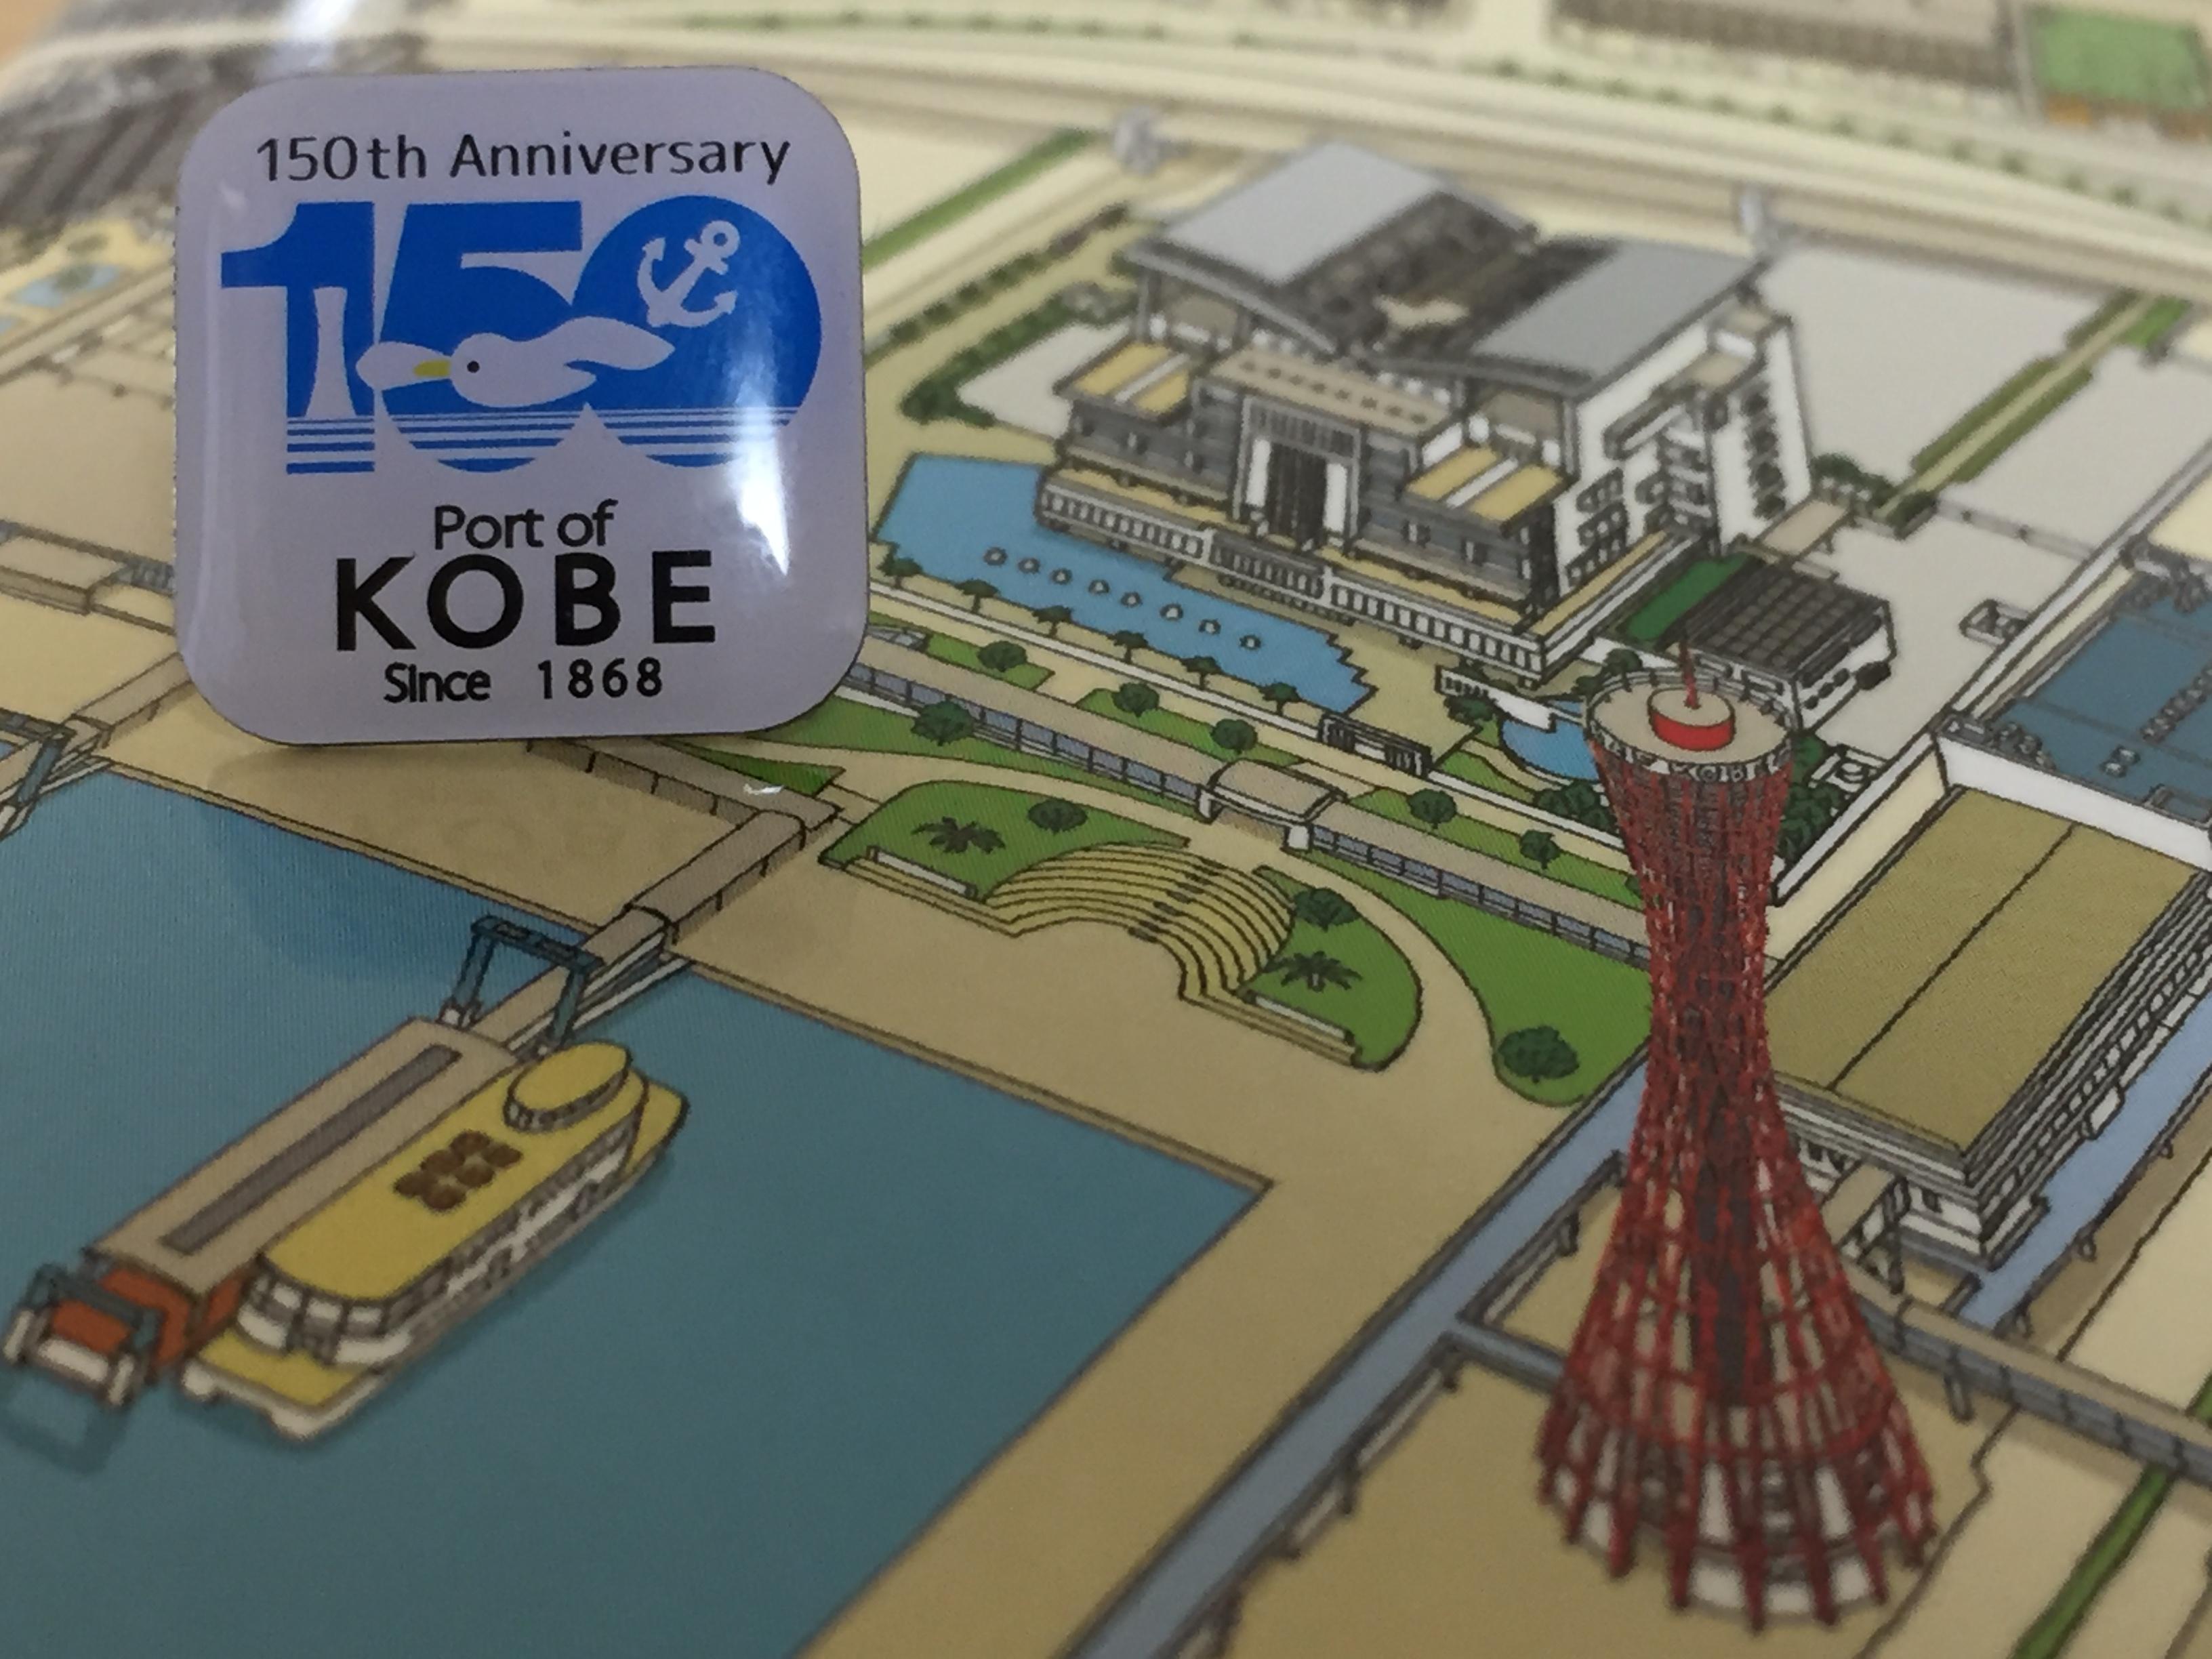 「くとうてん×NAGASAWA 神戸開港150周年記念イベント WELCOME!神戸」で青山大介さんの鳥瞰図をなぞって楽しむワークショップに参加してみた! #青山大介 #NAGASAWA